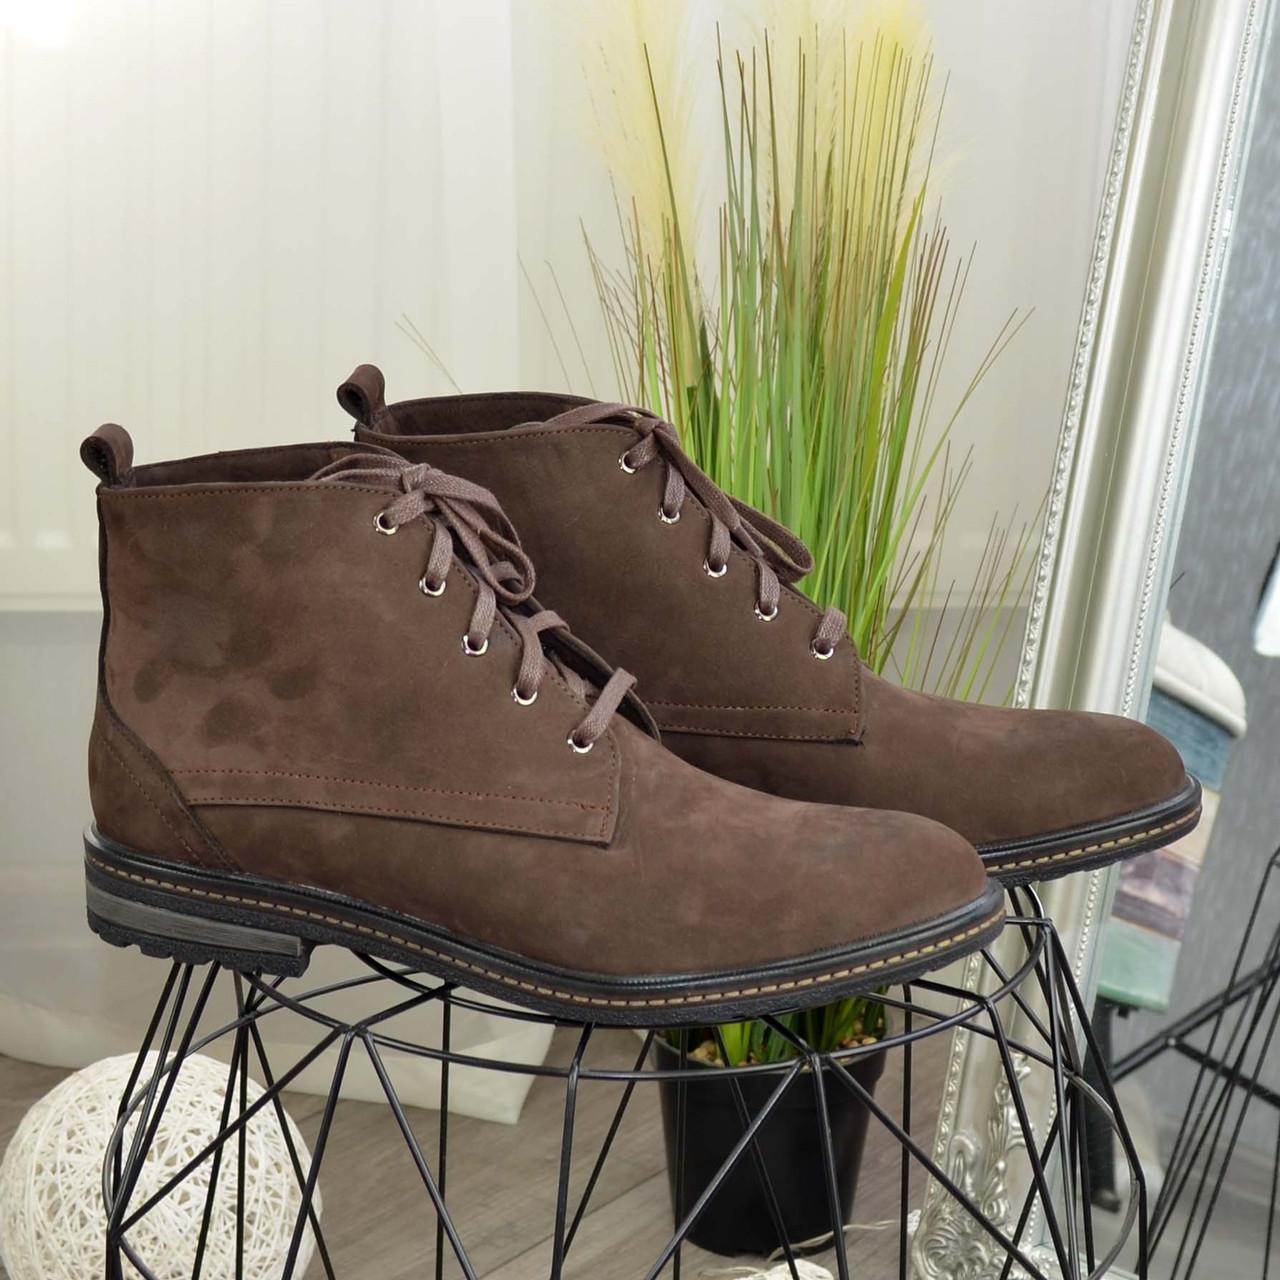 Черевики коричневі чоловічі на шнурівці, з натуральної шкіри нубук